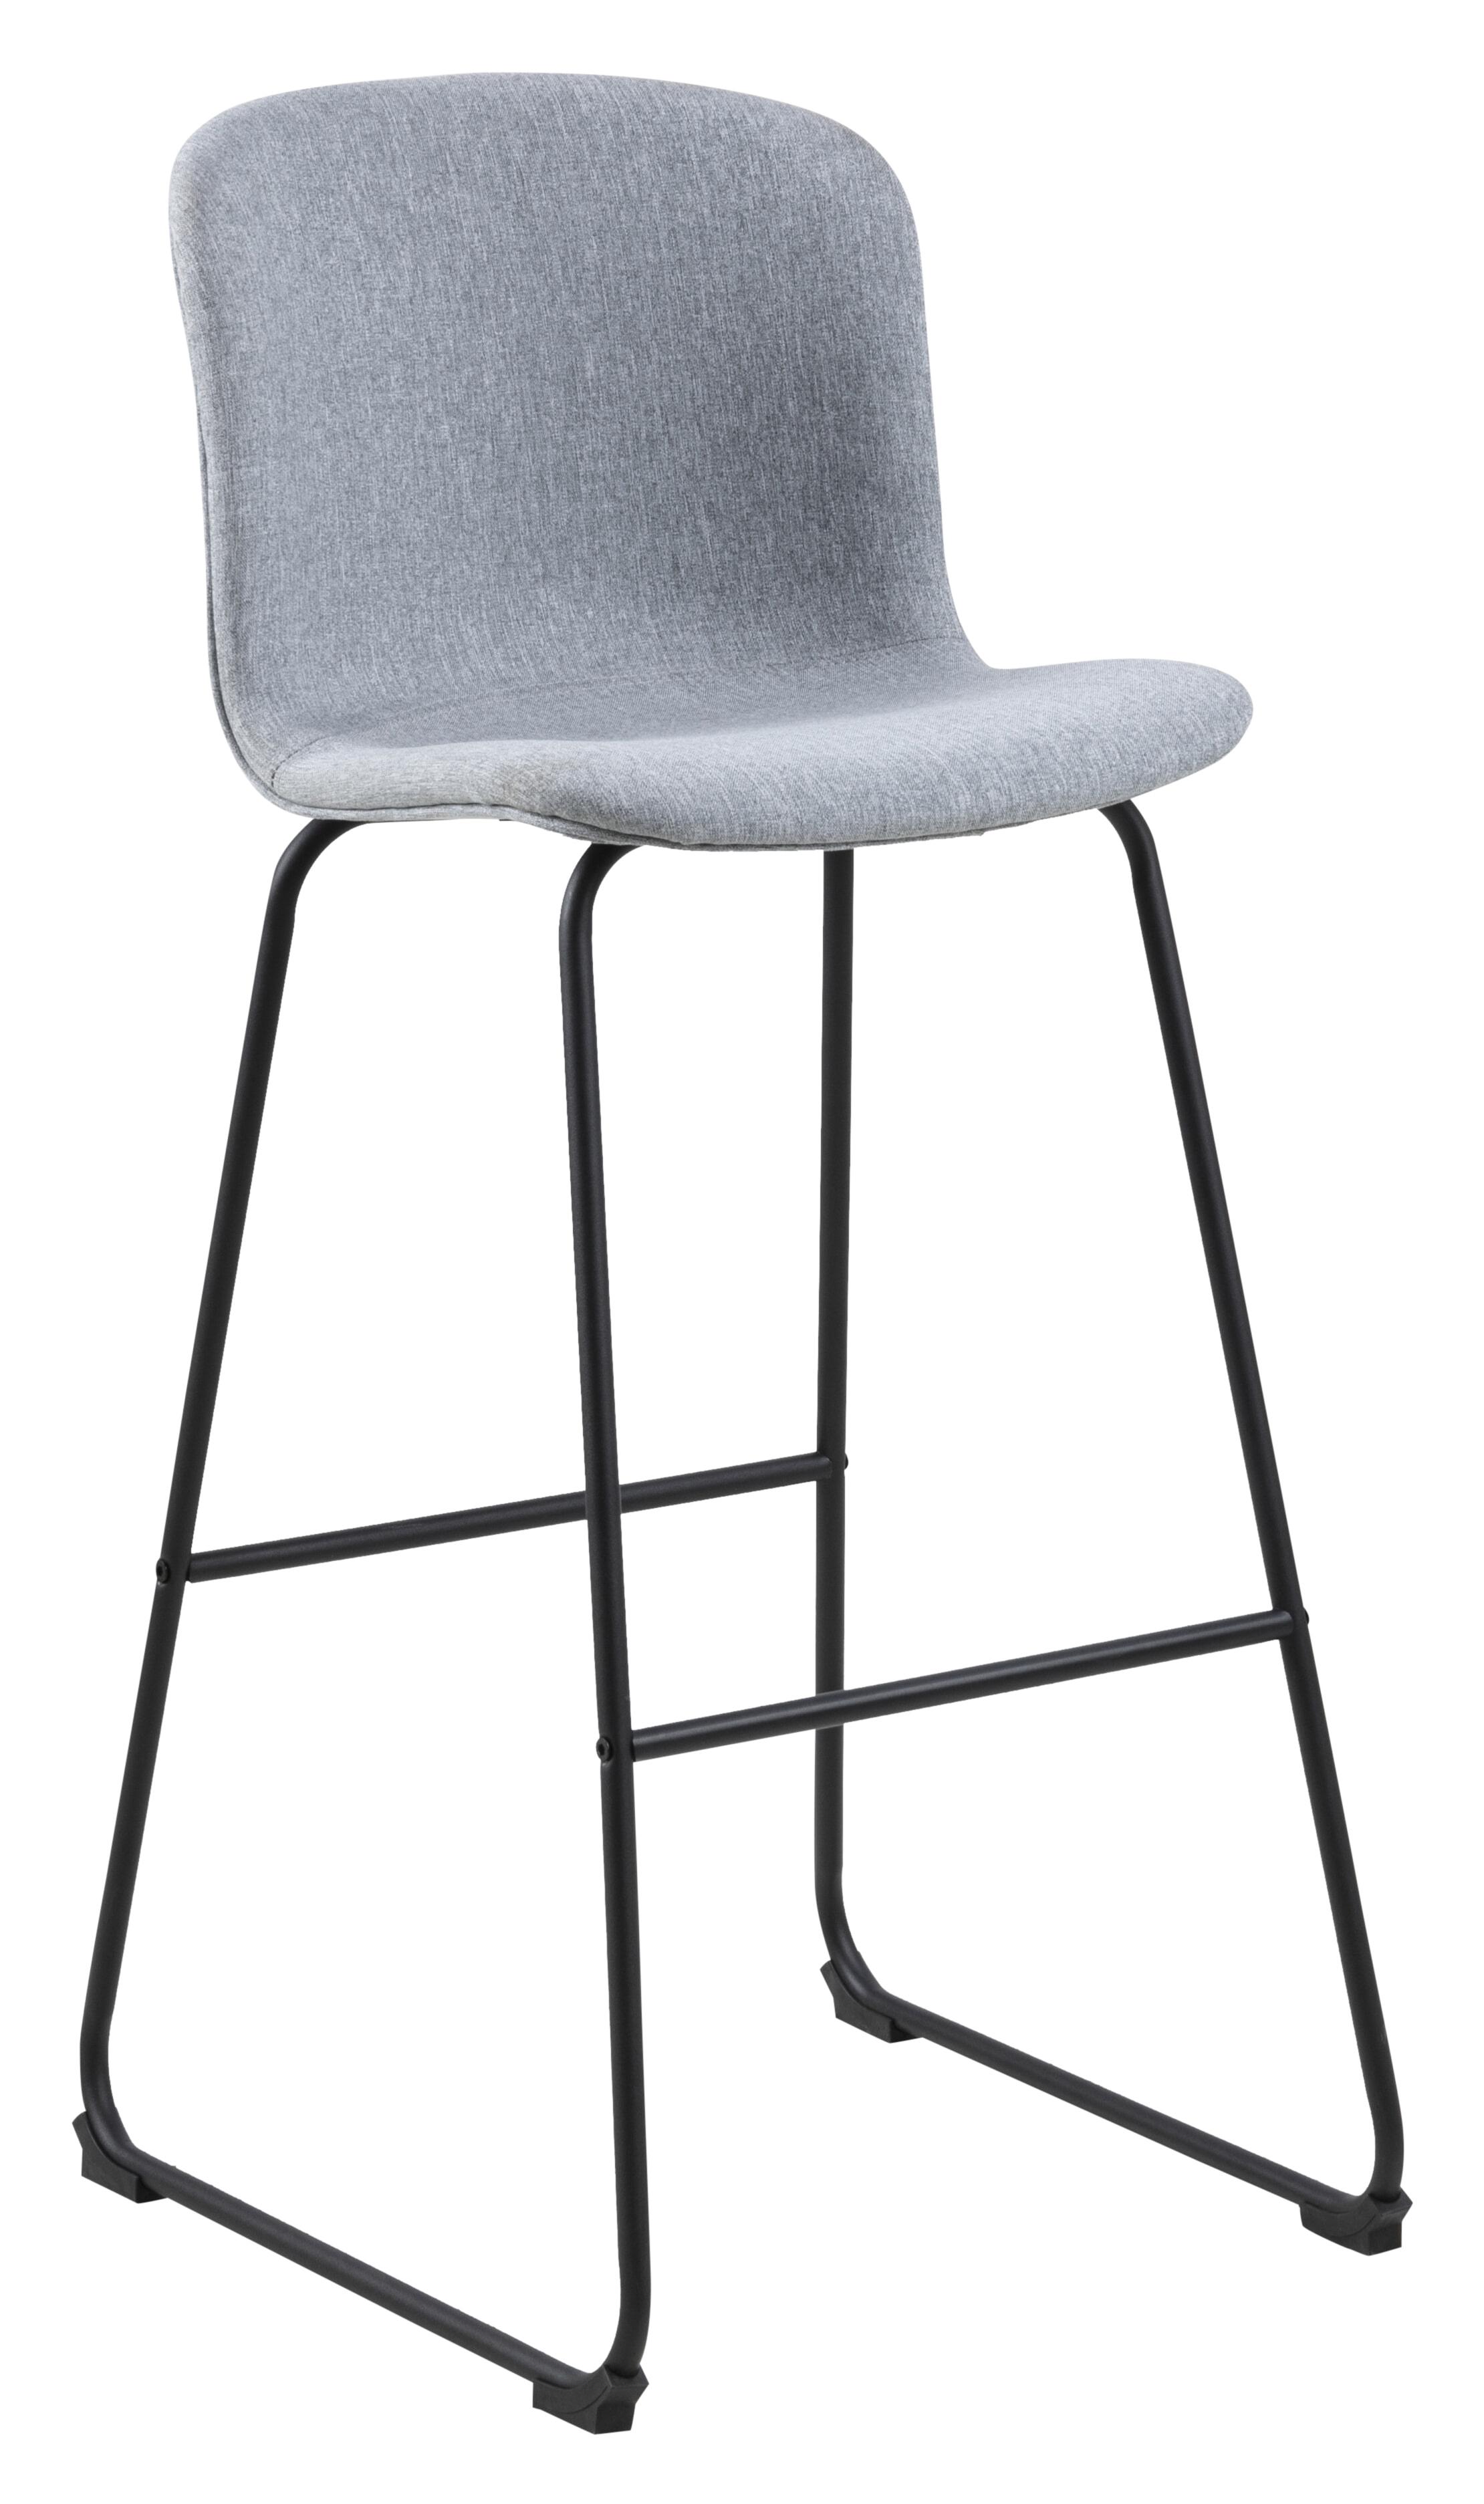 Interstil Barkruk 'Story' (zithoogte 75cm), kleur Lichtgrijs Zitmeubelen | Barkrukken & Barstoelen vergelijken doe je het voordeligst hier bij Meubelpartner